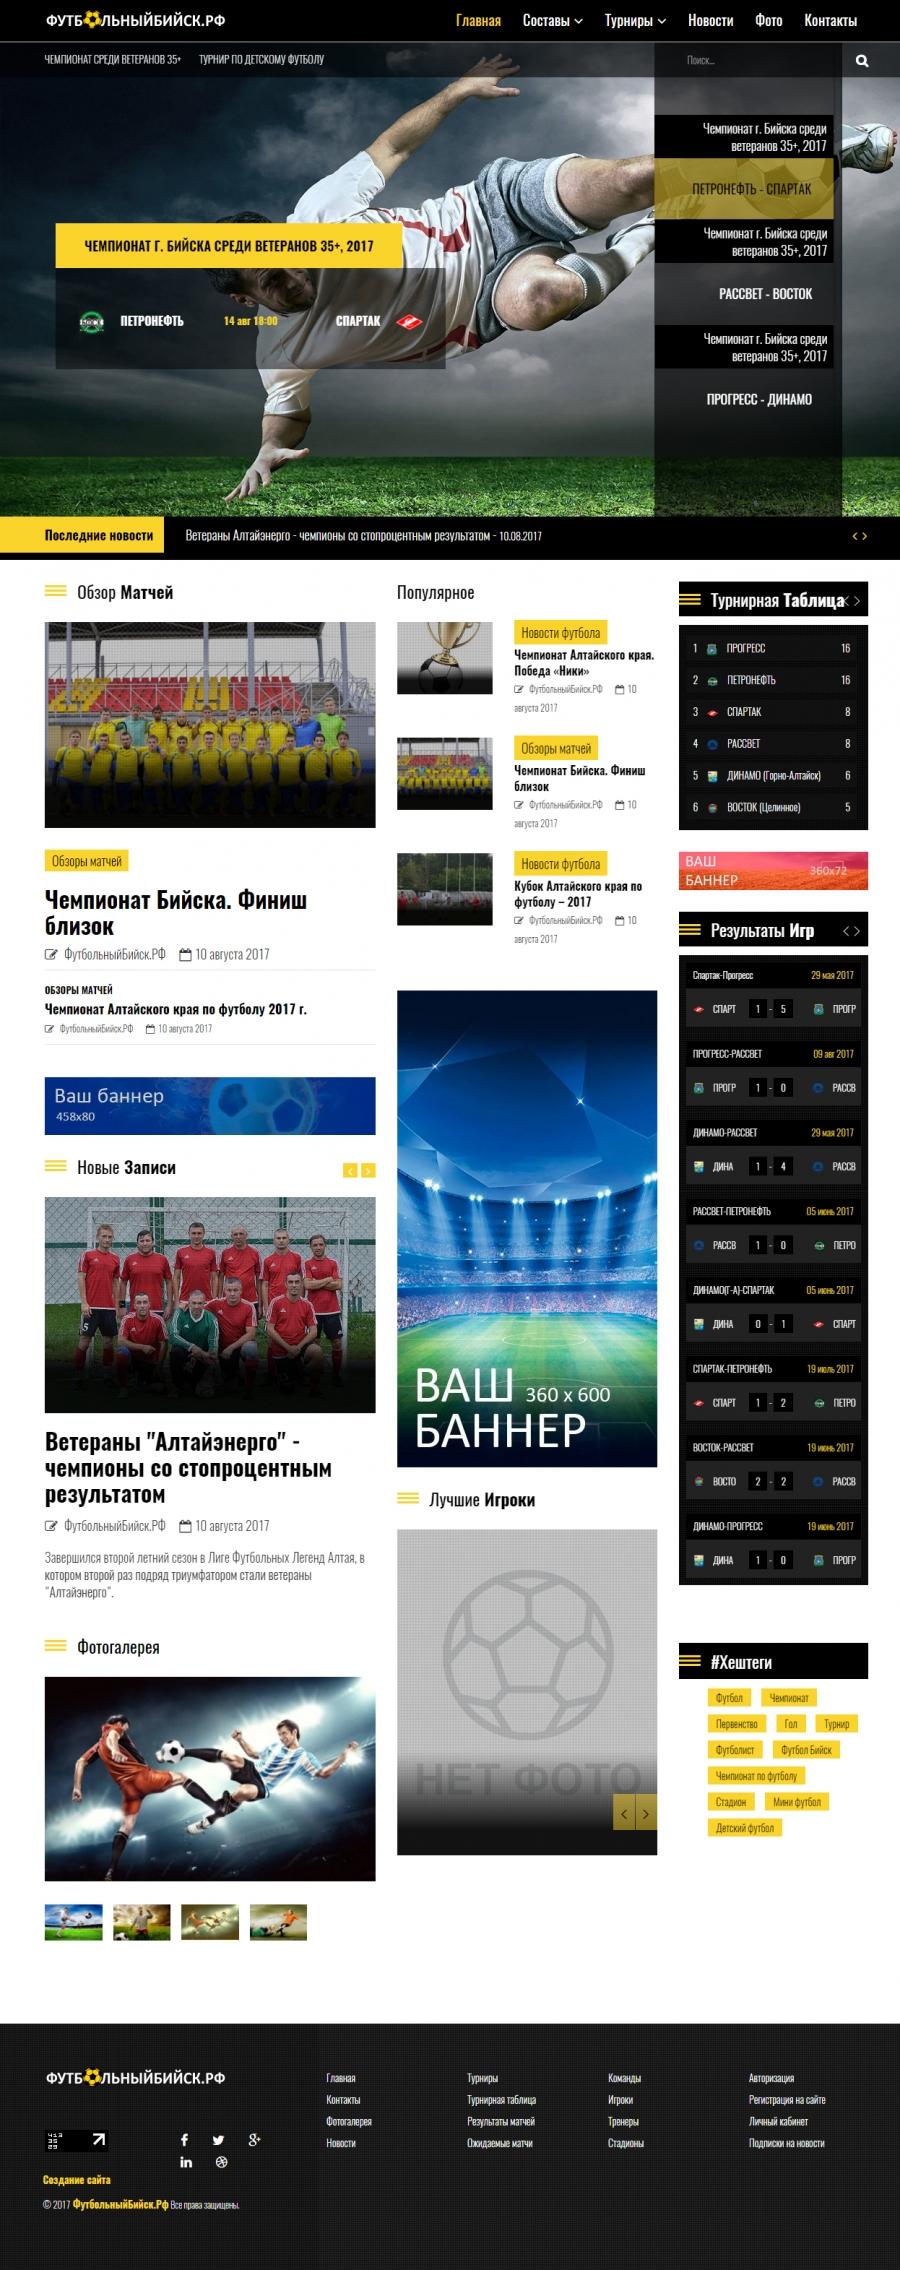 Создание футбольного сайта